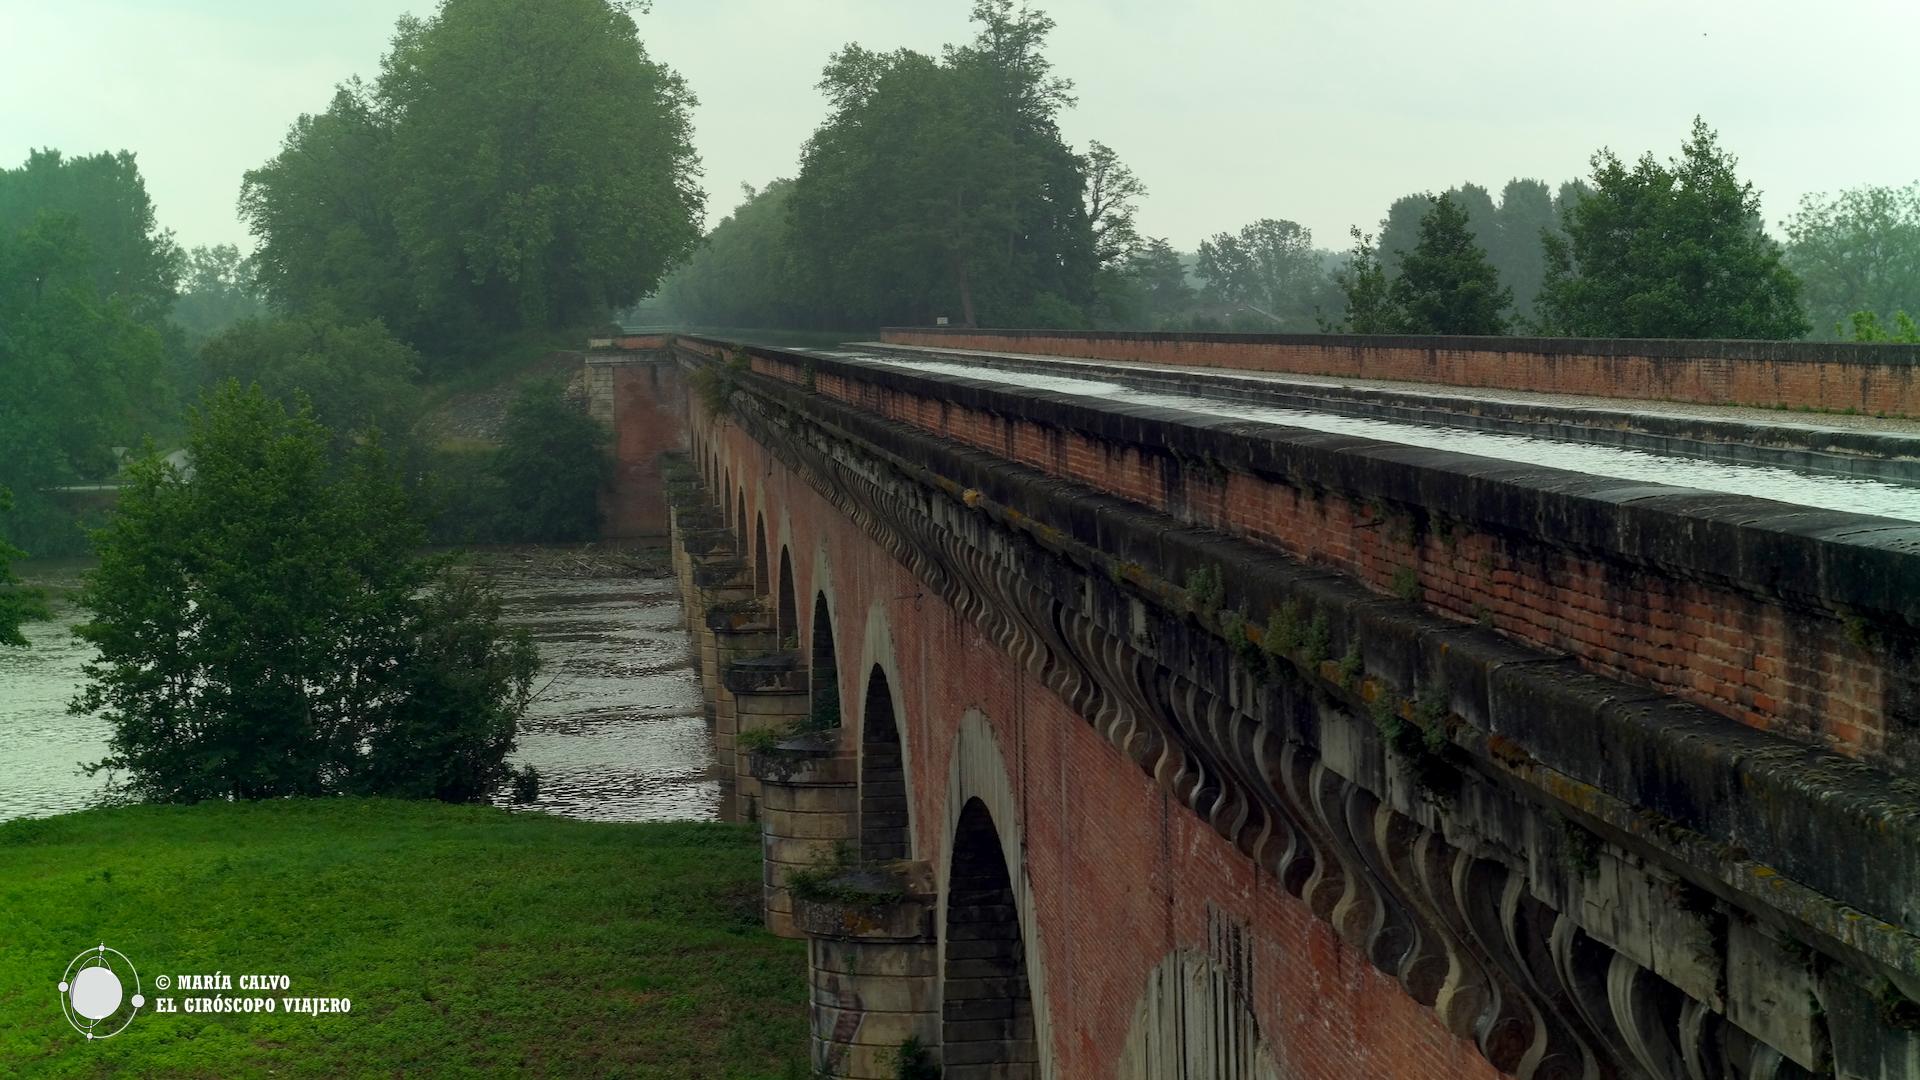 Puente-canal de Cacor, en Moissac, una obra espectacular, puente y canal al mismo tiempo.